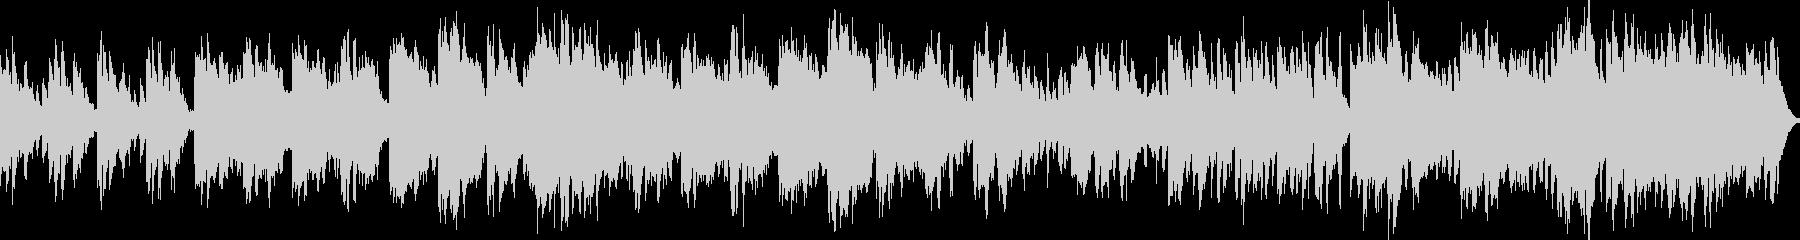 パーカッション抜き ループ処理版の未再生の波形